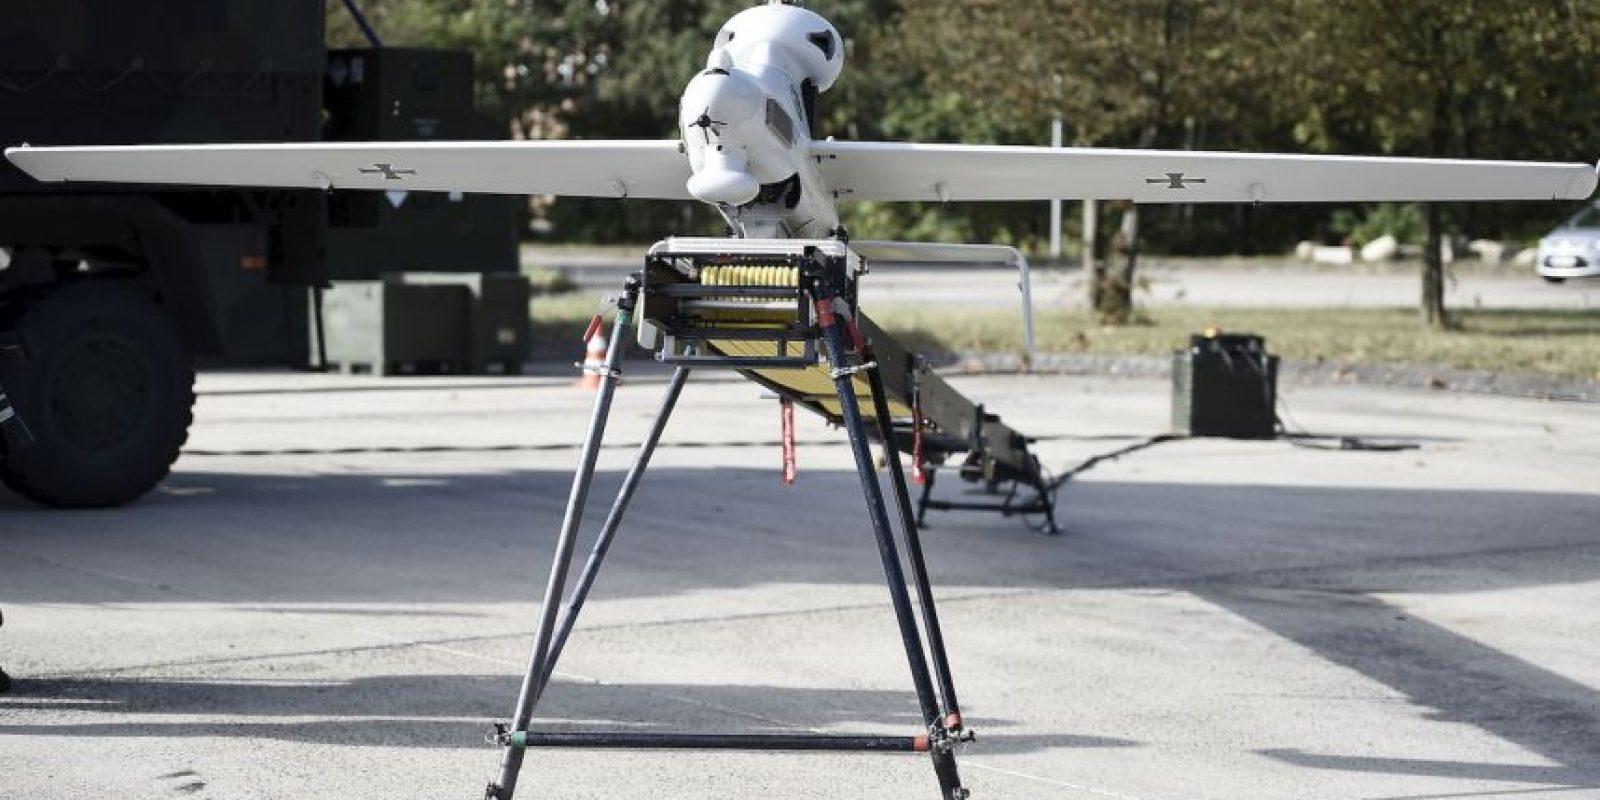 3. Agencia Estatal de Seguridad Aérea (AESA) de ese país establece que los drones no se pueden ser para usos civiles, como cámaras de filmación, destacó el portal chileno sur Noticias. Foto:Getty